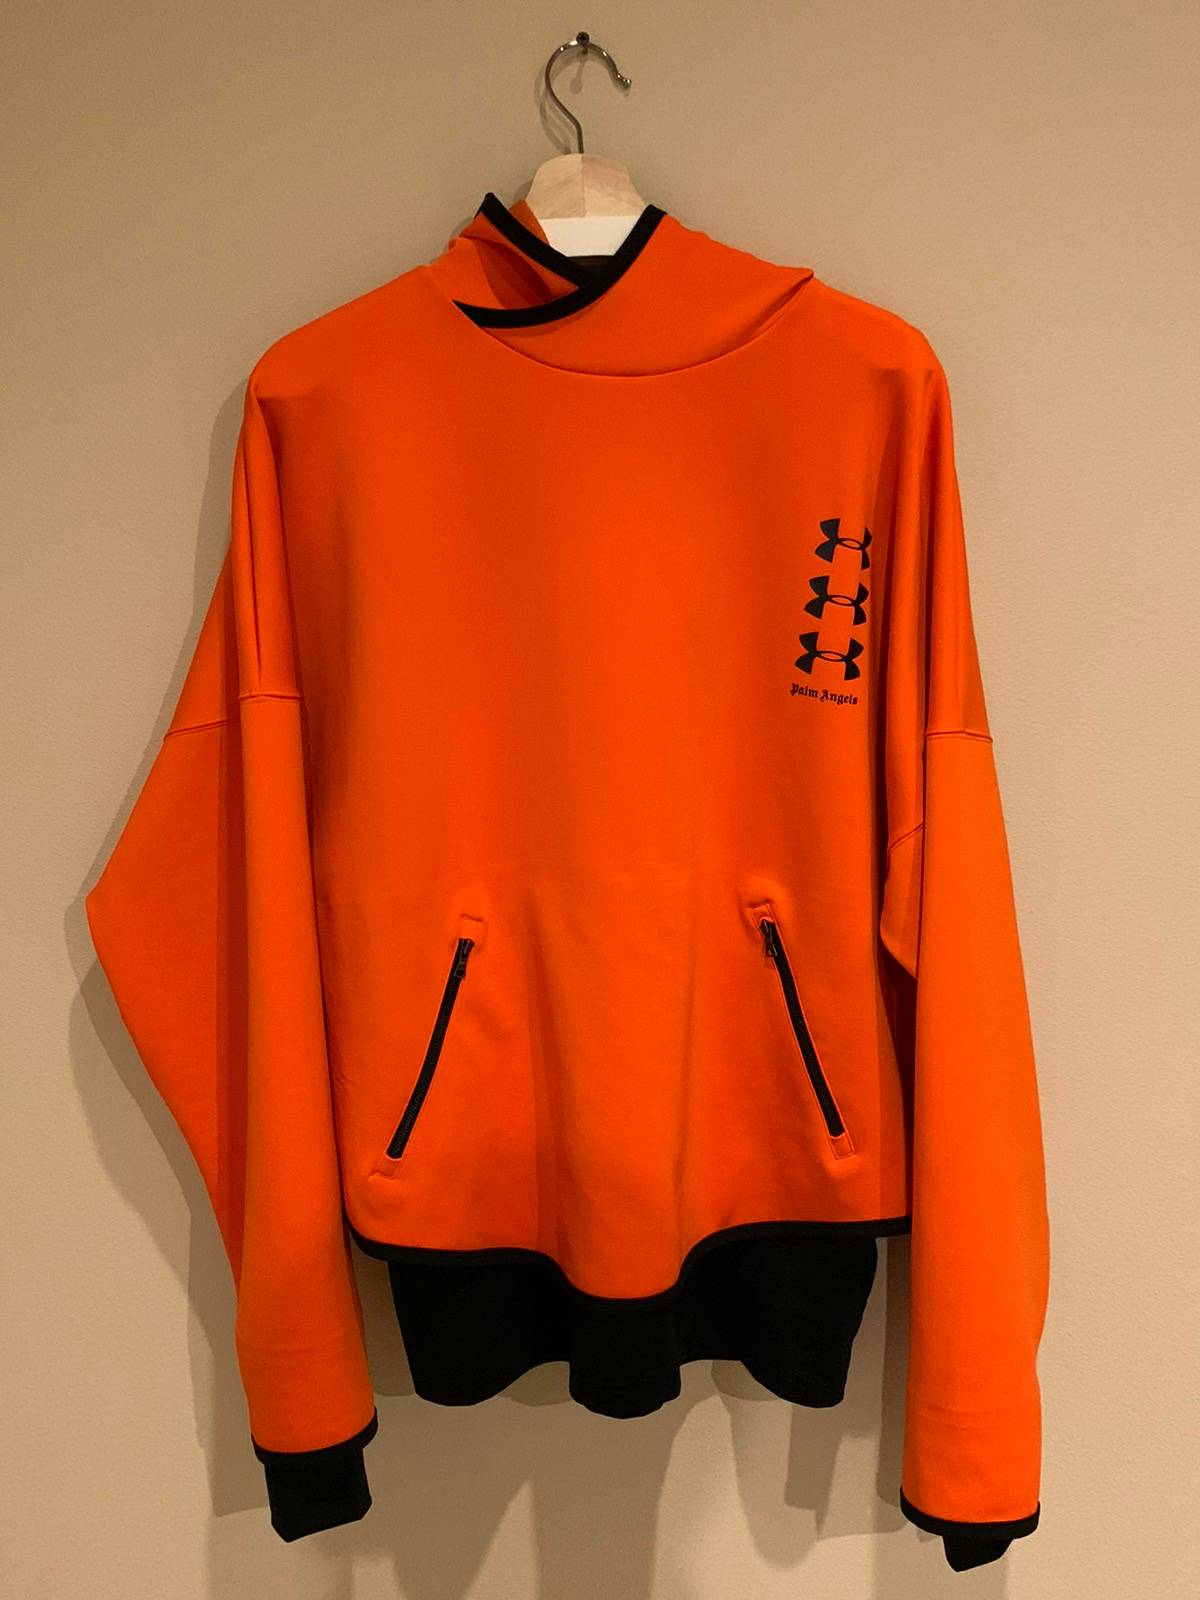 alabanza perdón no pueden ver  Palm Angels Palm Angels X Under Armour Orange Hoodie Sweatshirt. Nwt |  Grailed